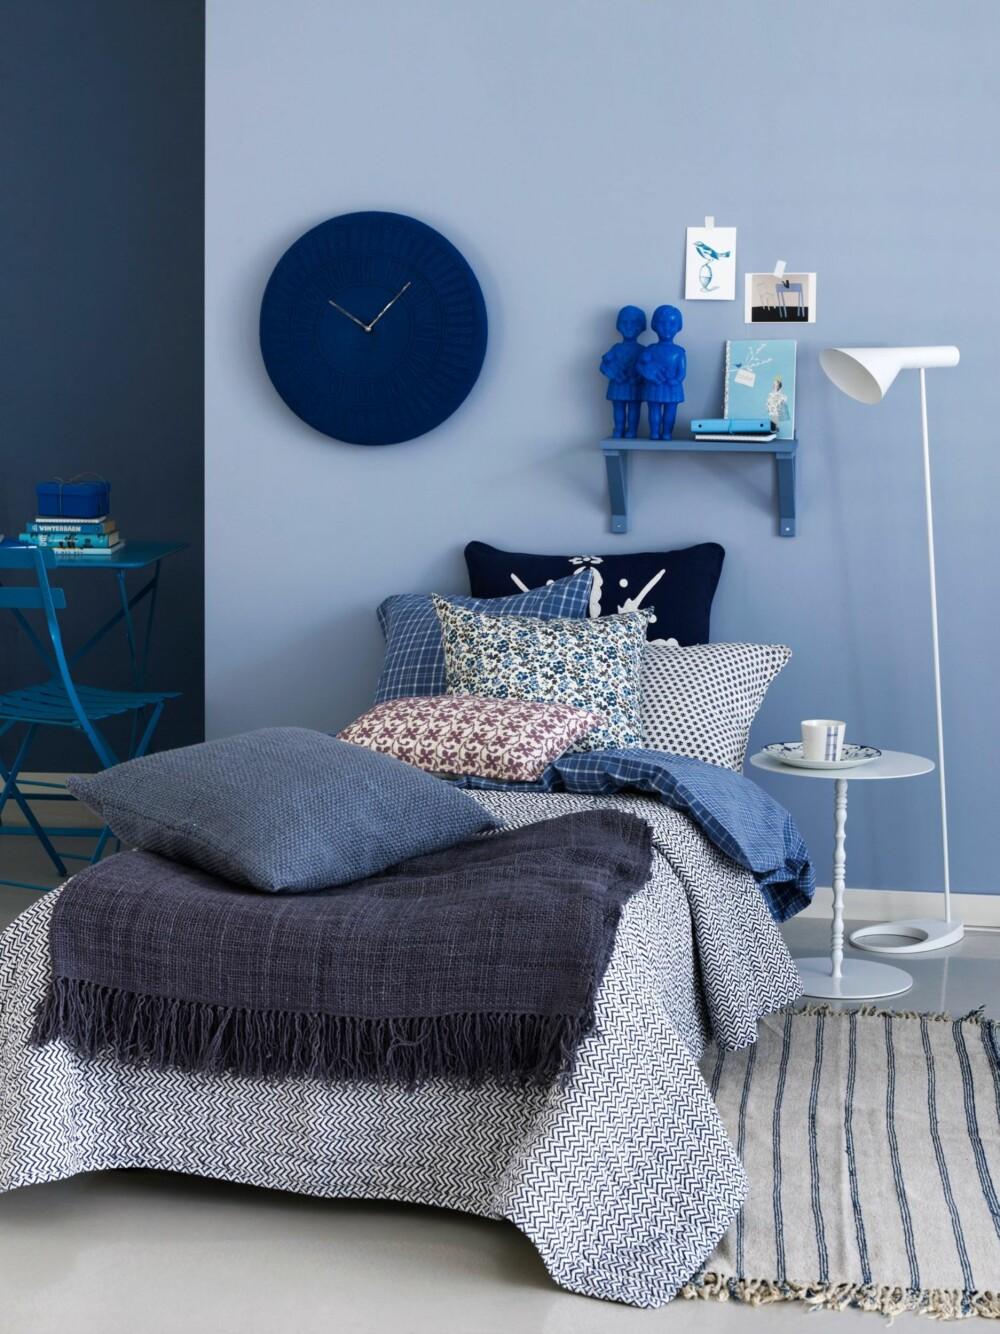 SOV I RO: Åndedrettet, pulsfrekvensen og blodtrykket synker når vi utsettes for blått. Fargen kan derfor fungere godt på soverommet.